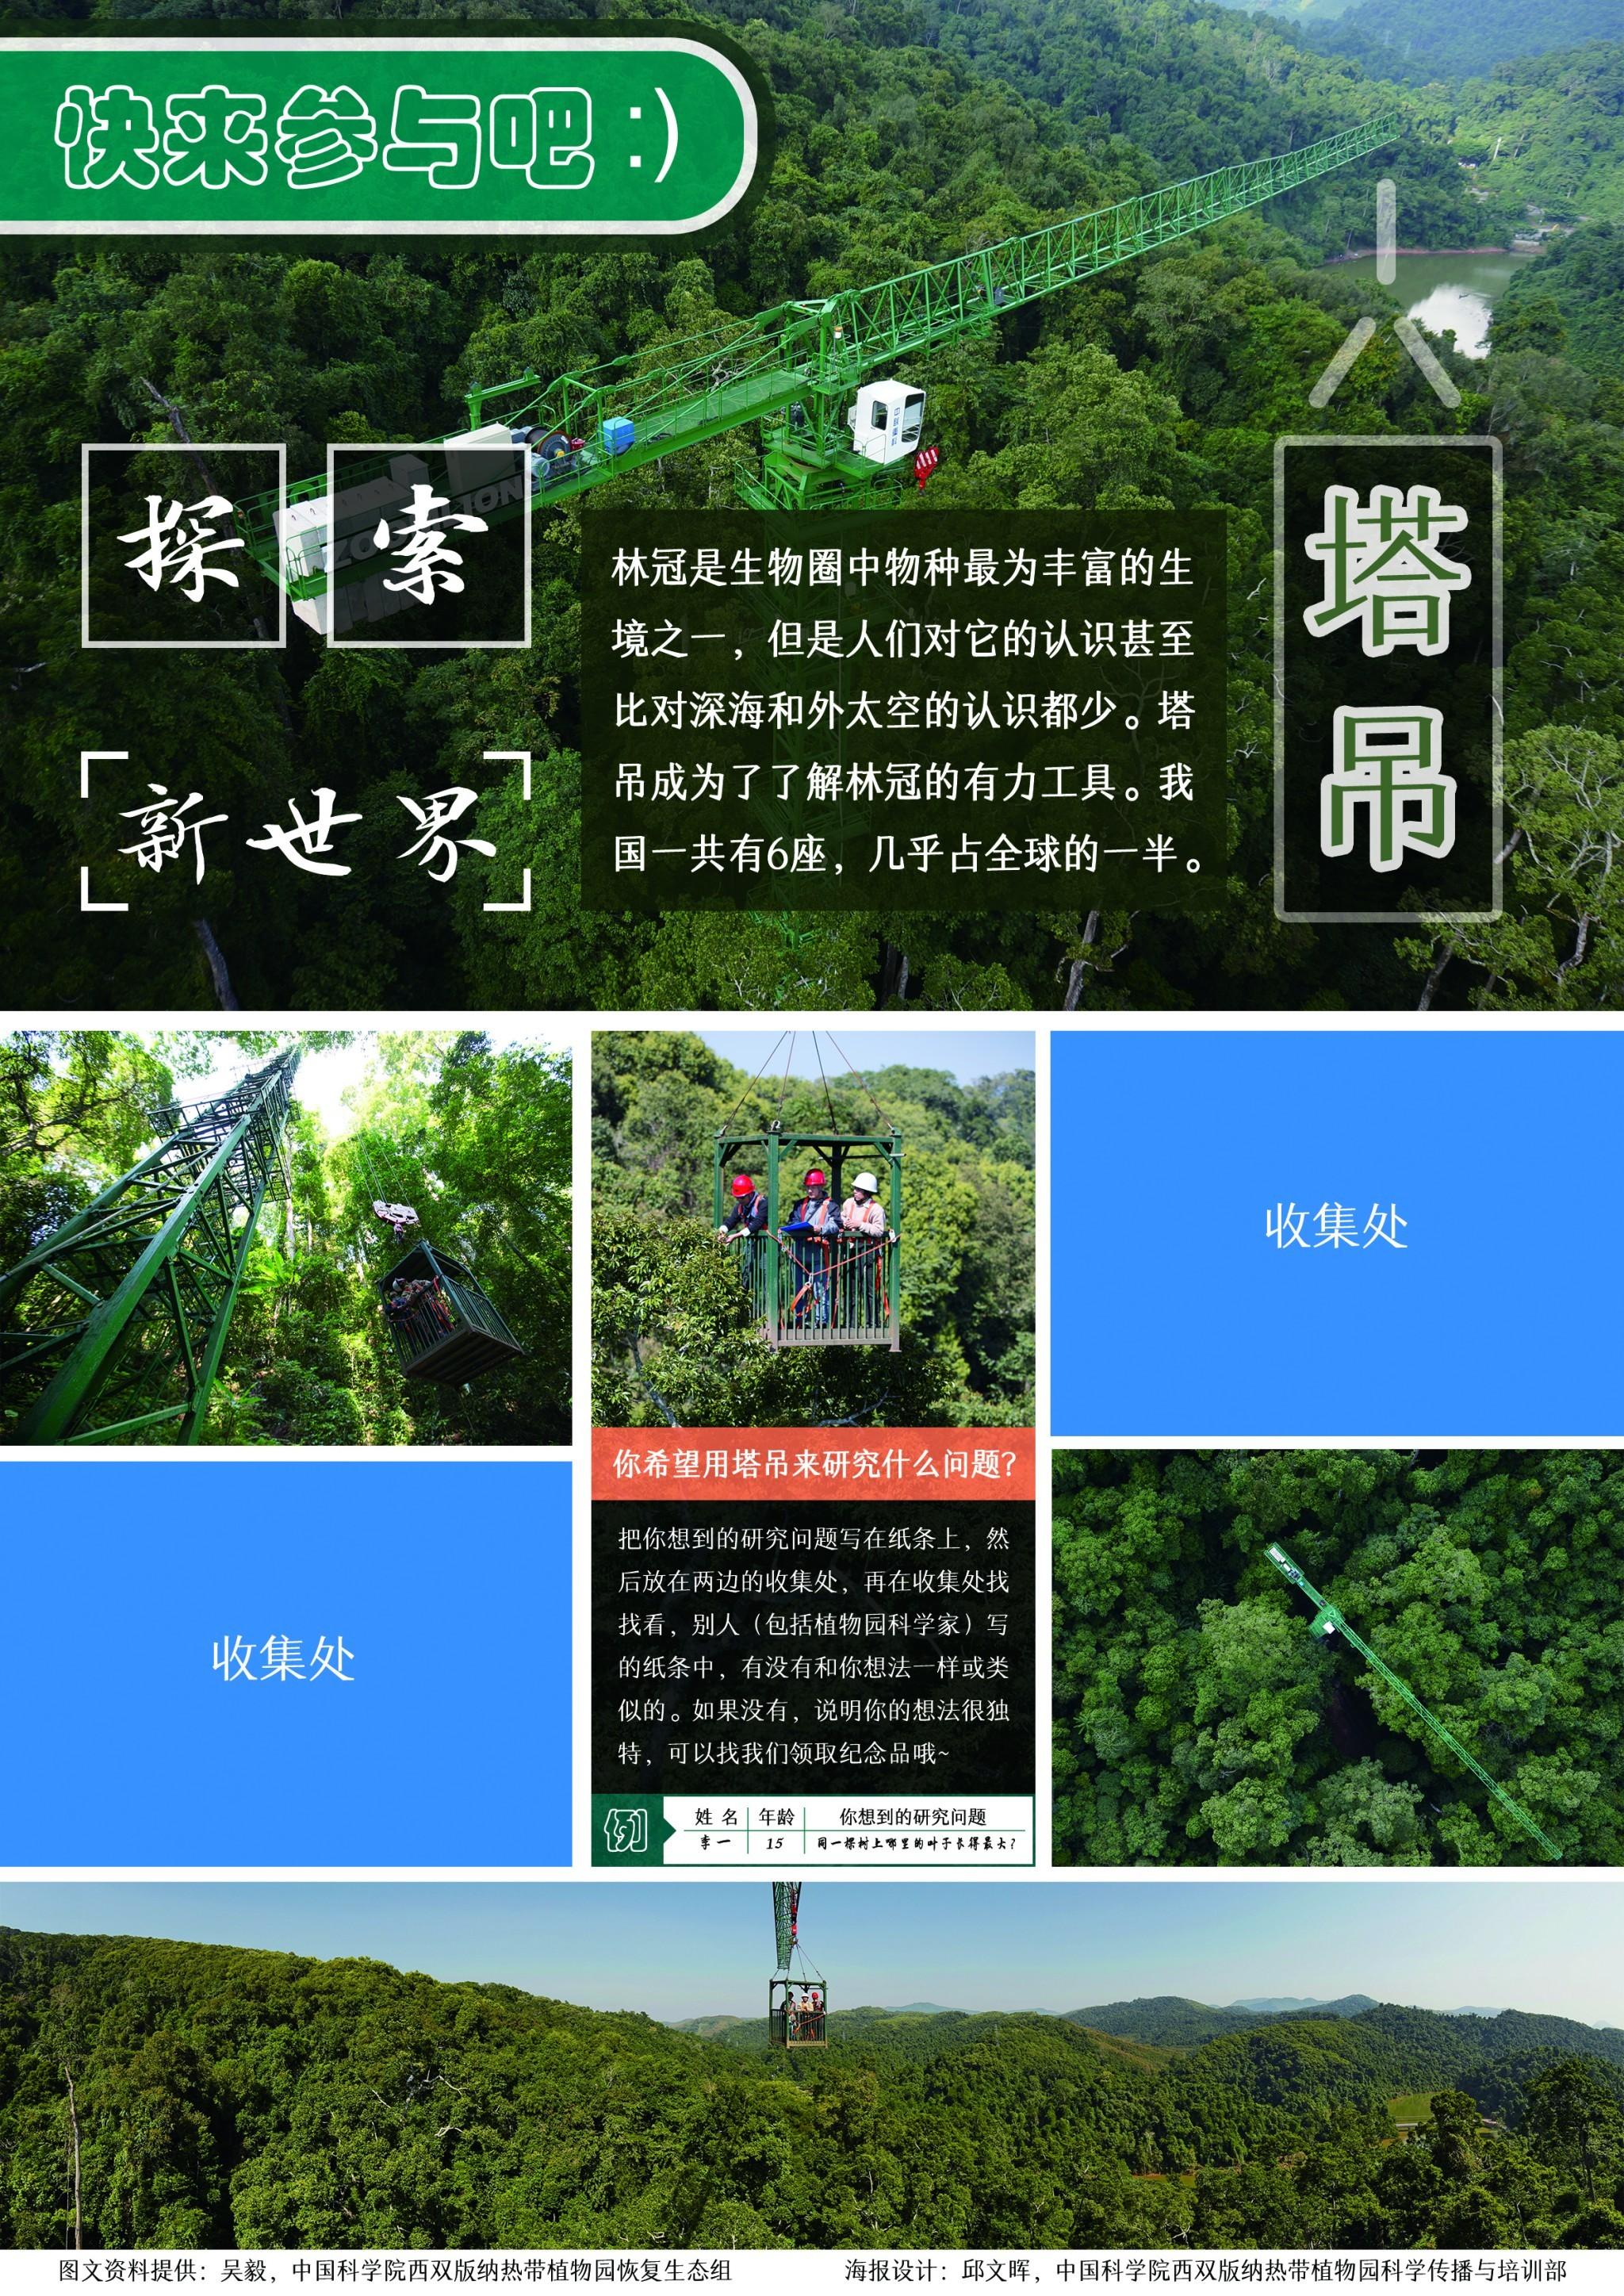 邱文辉&吴毅-塔吊——探索新世界